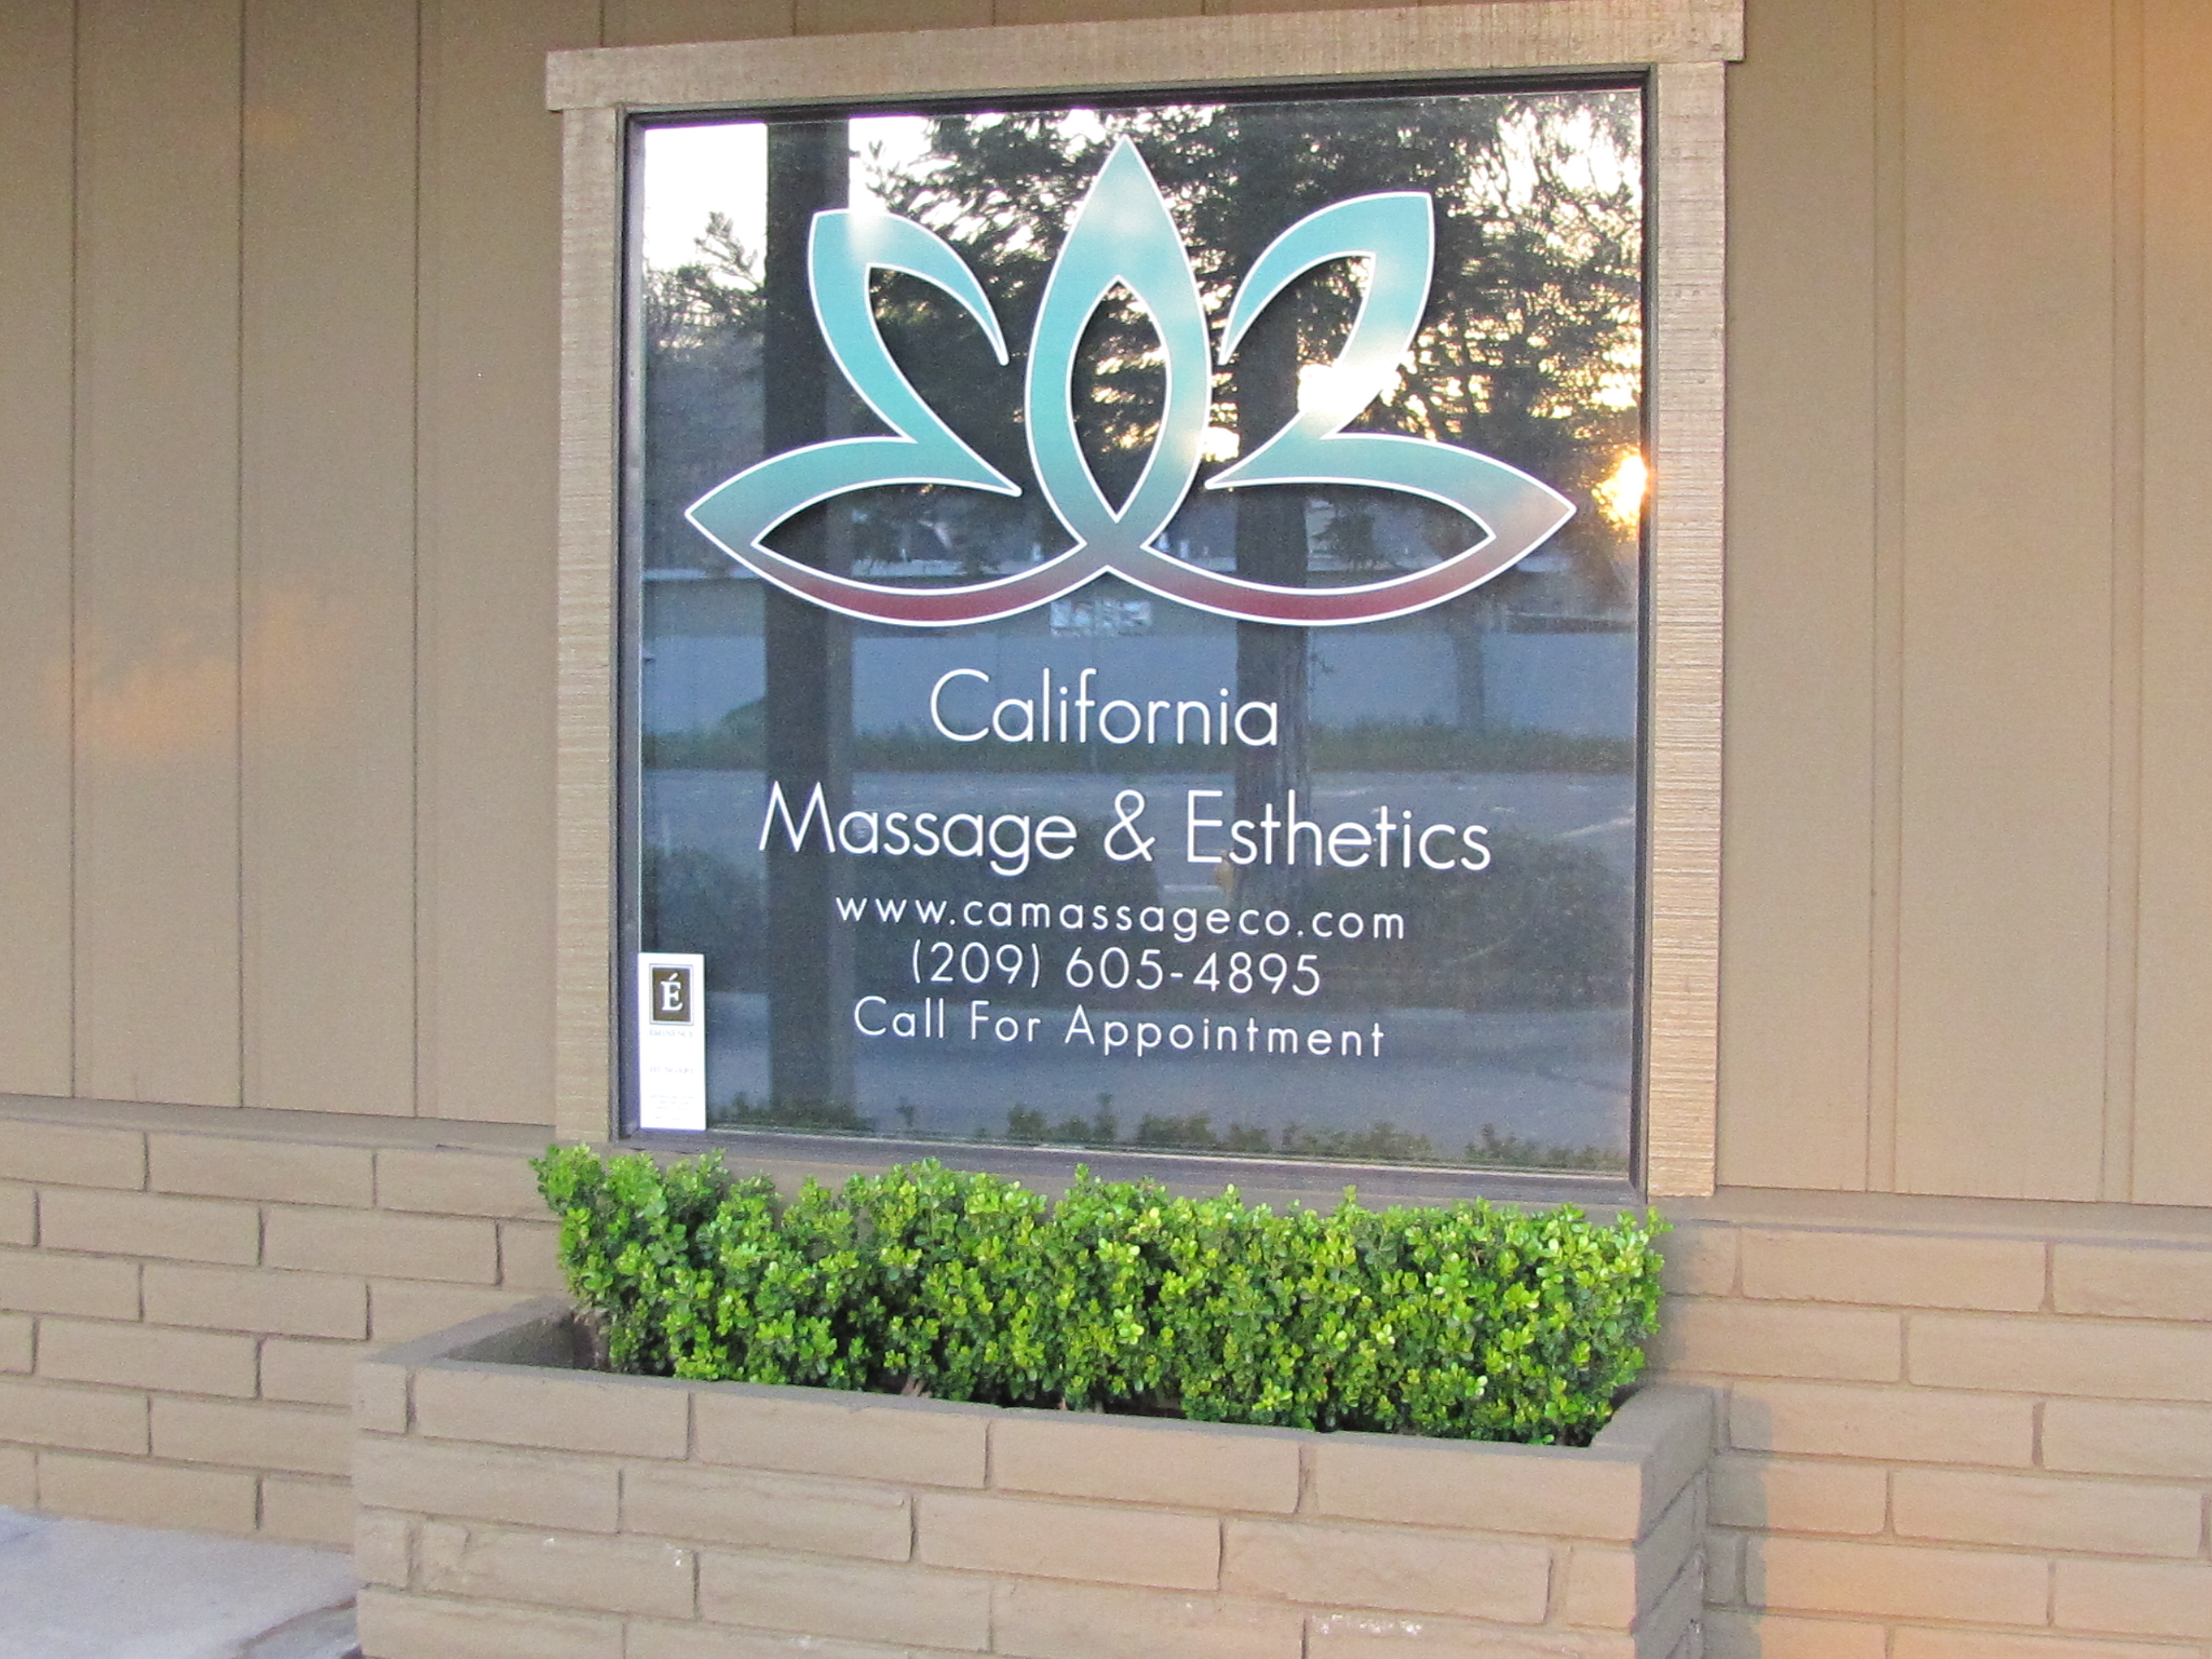 California Massage U0026 Esthetics 3719 Tully Rd Ste A2, Modesto, CA 95356    YP.com